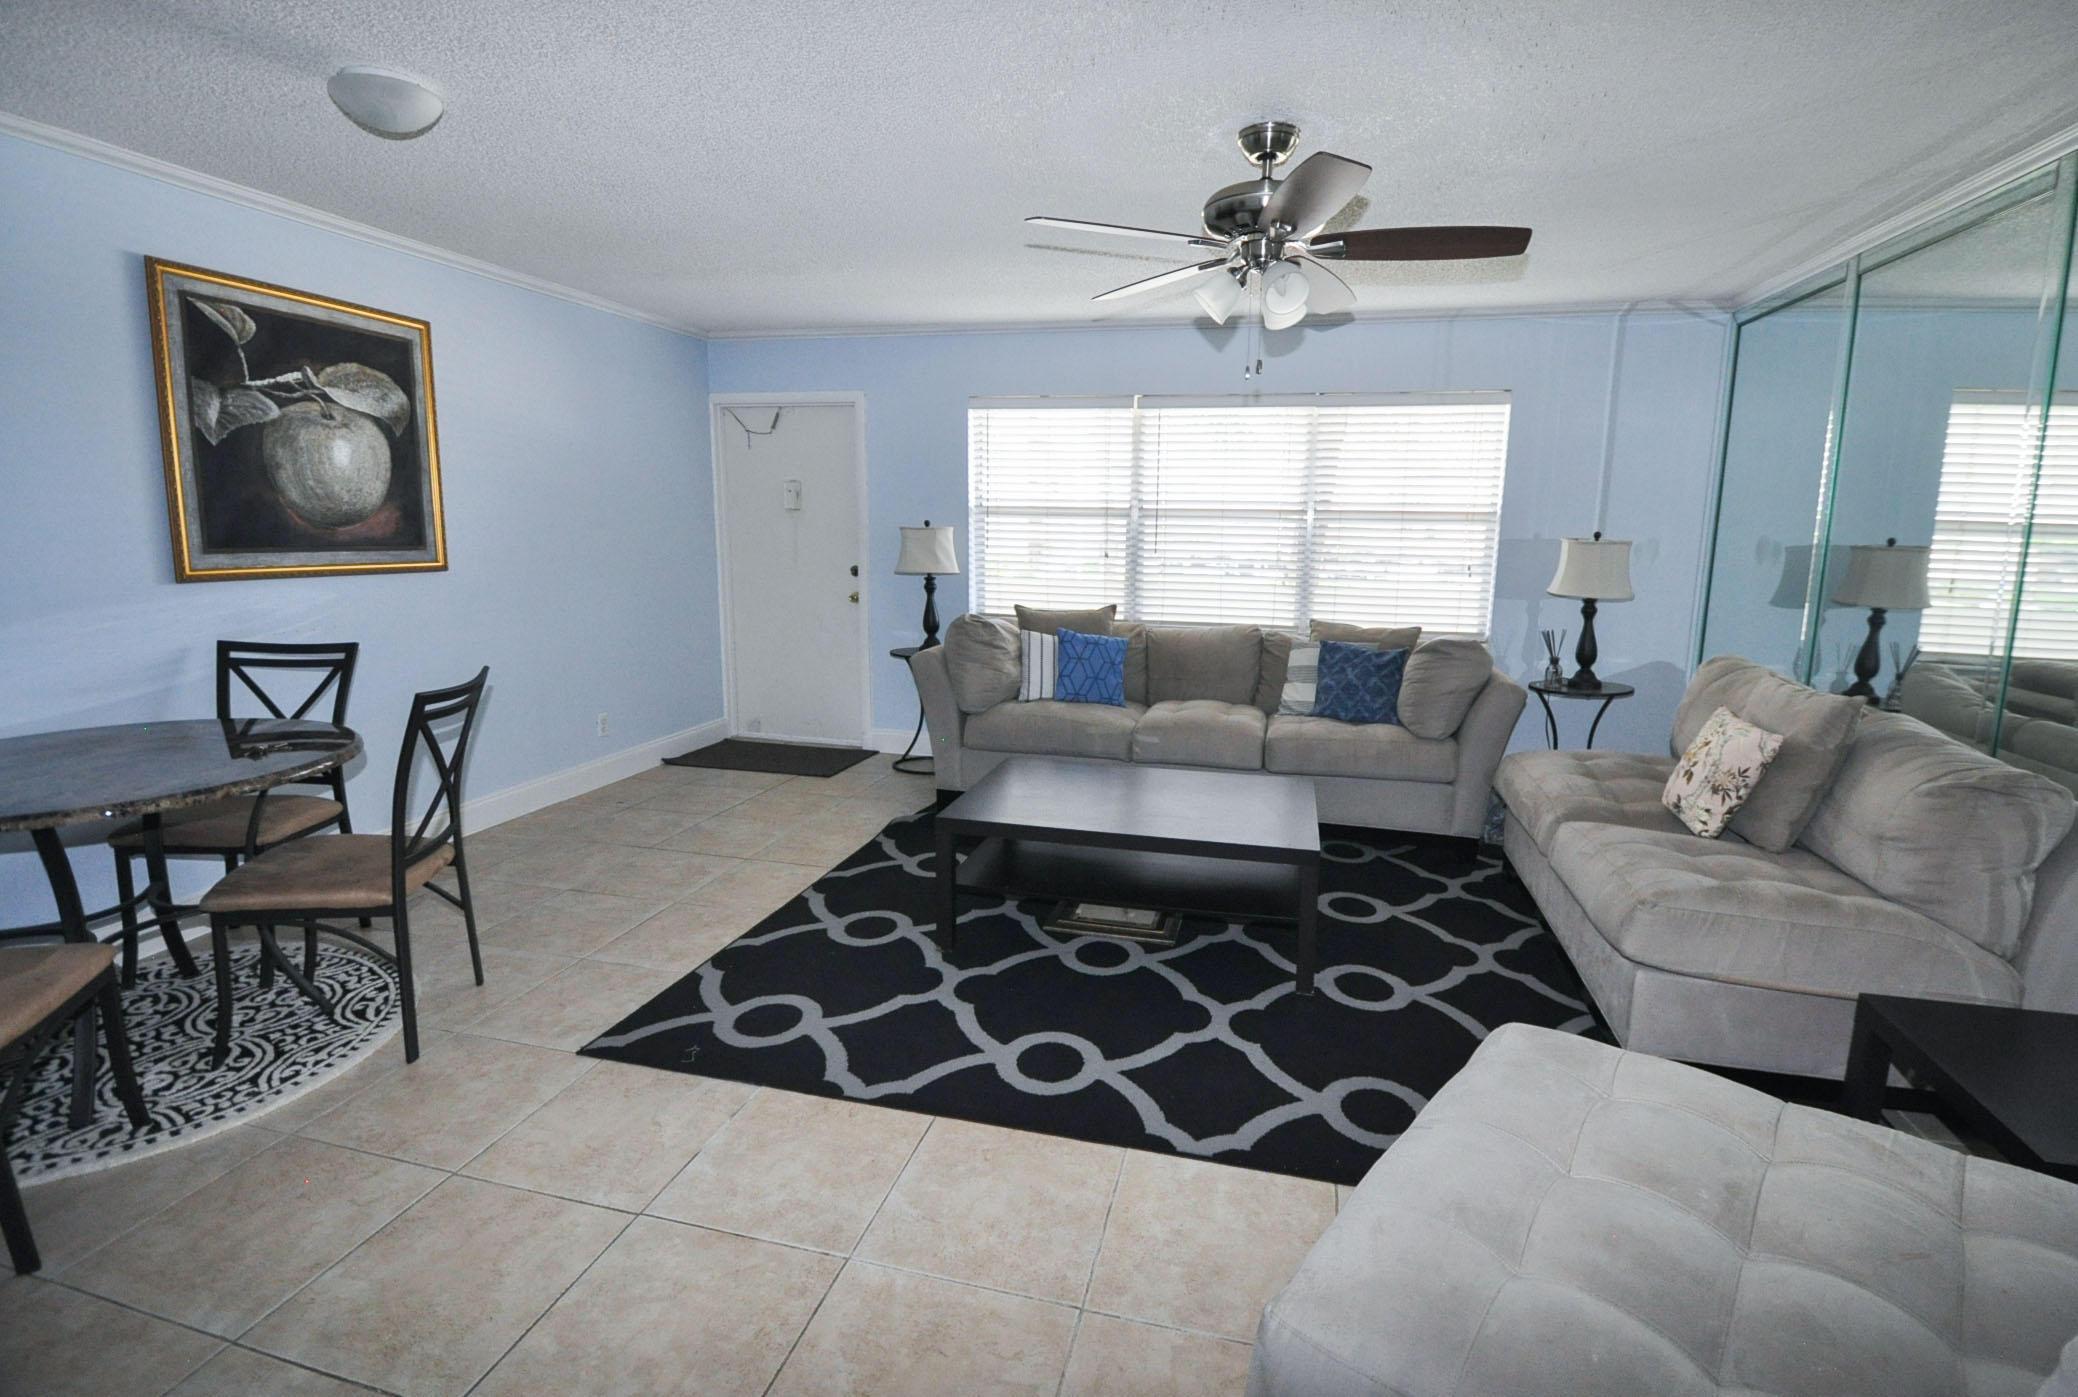 2840 NE 14th Street, 210a - Pompano Beach, Florida